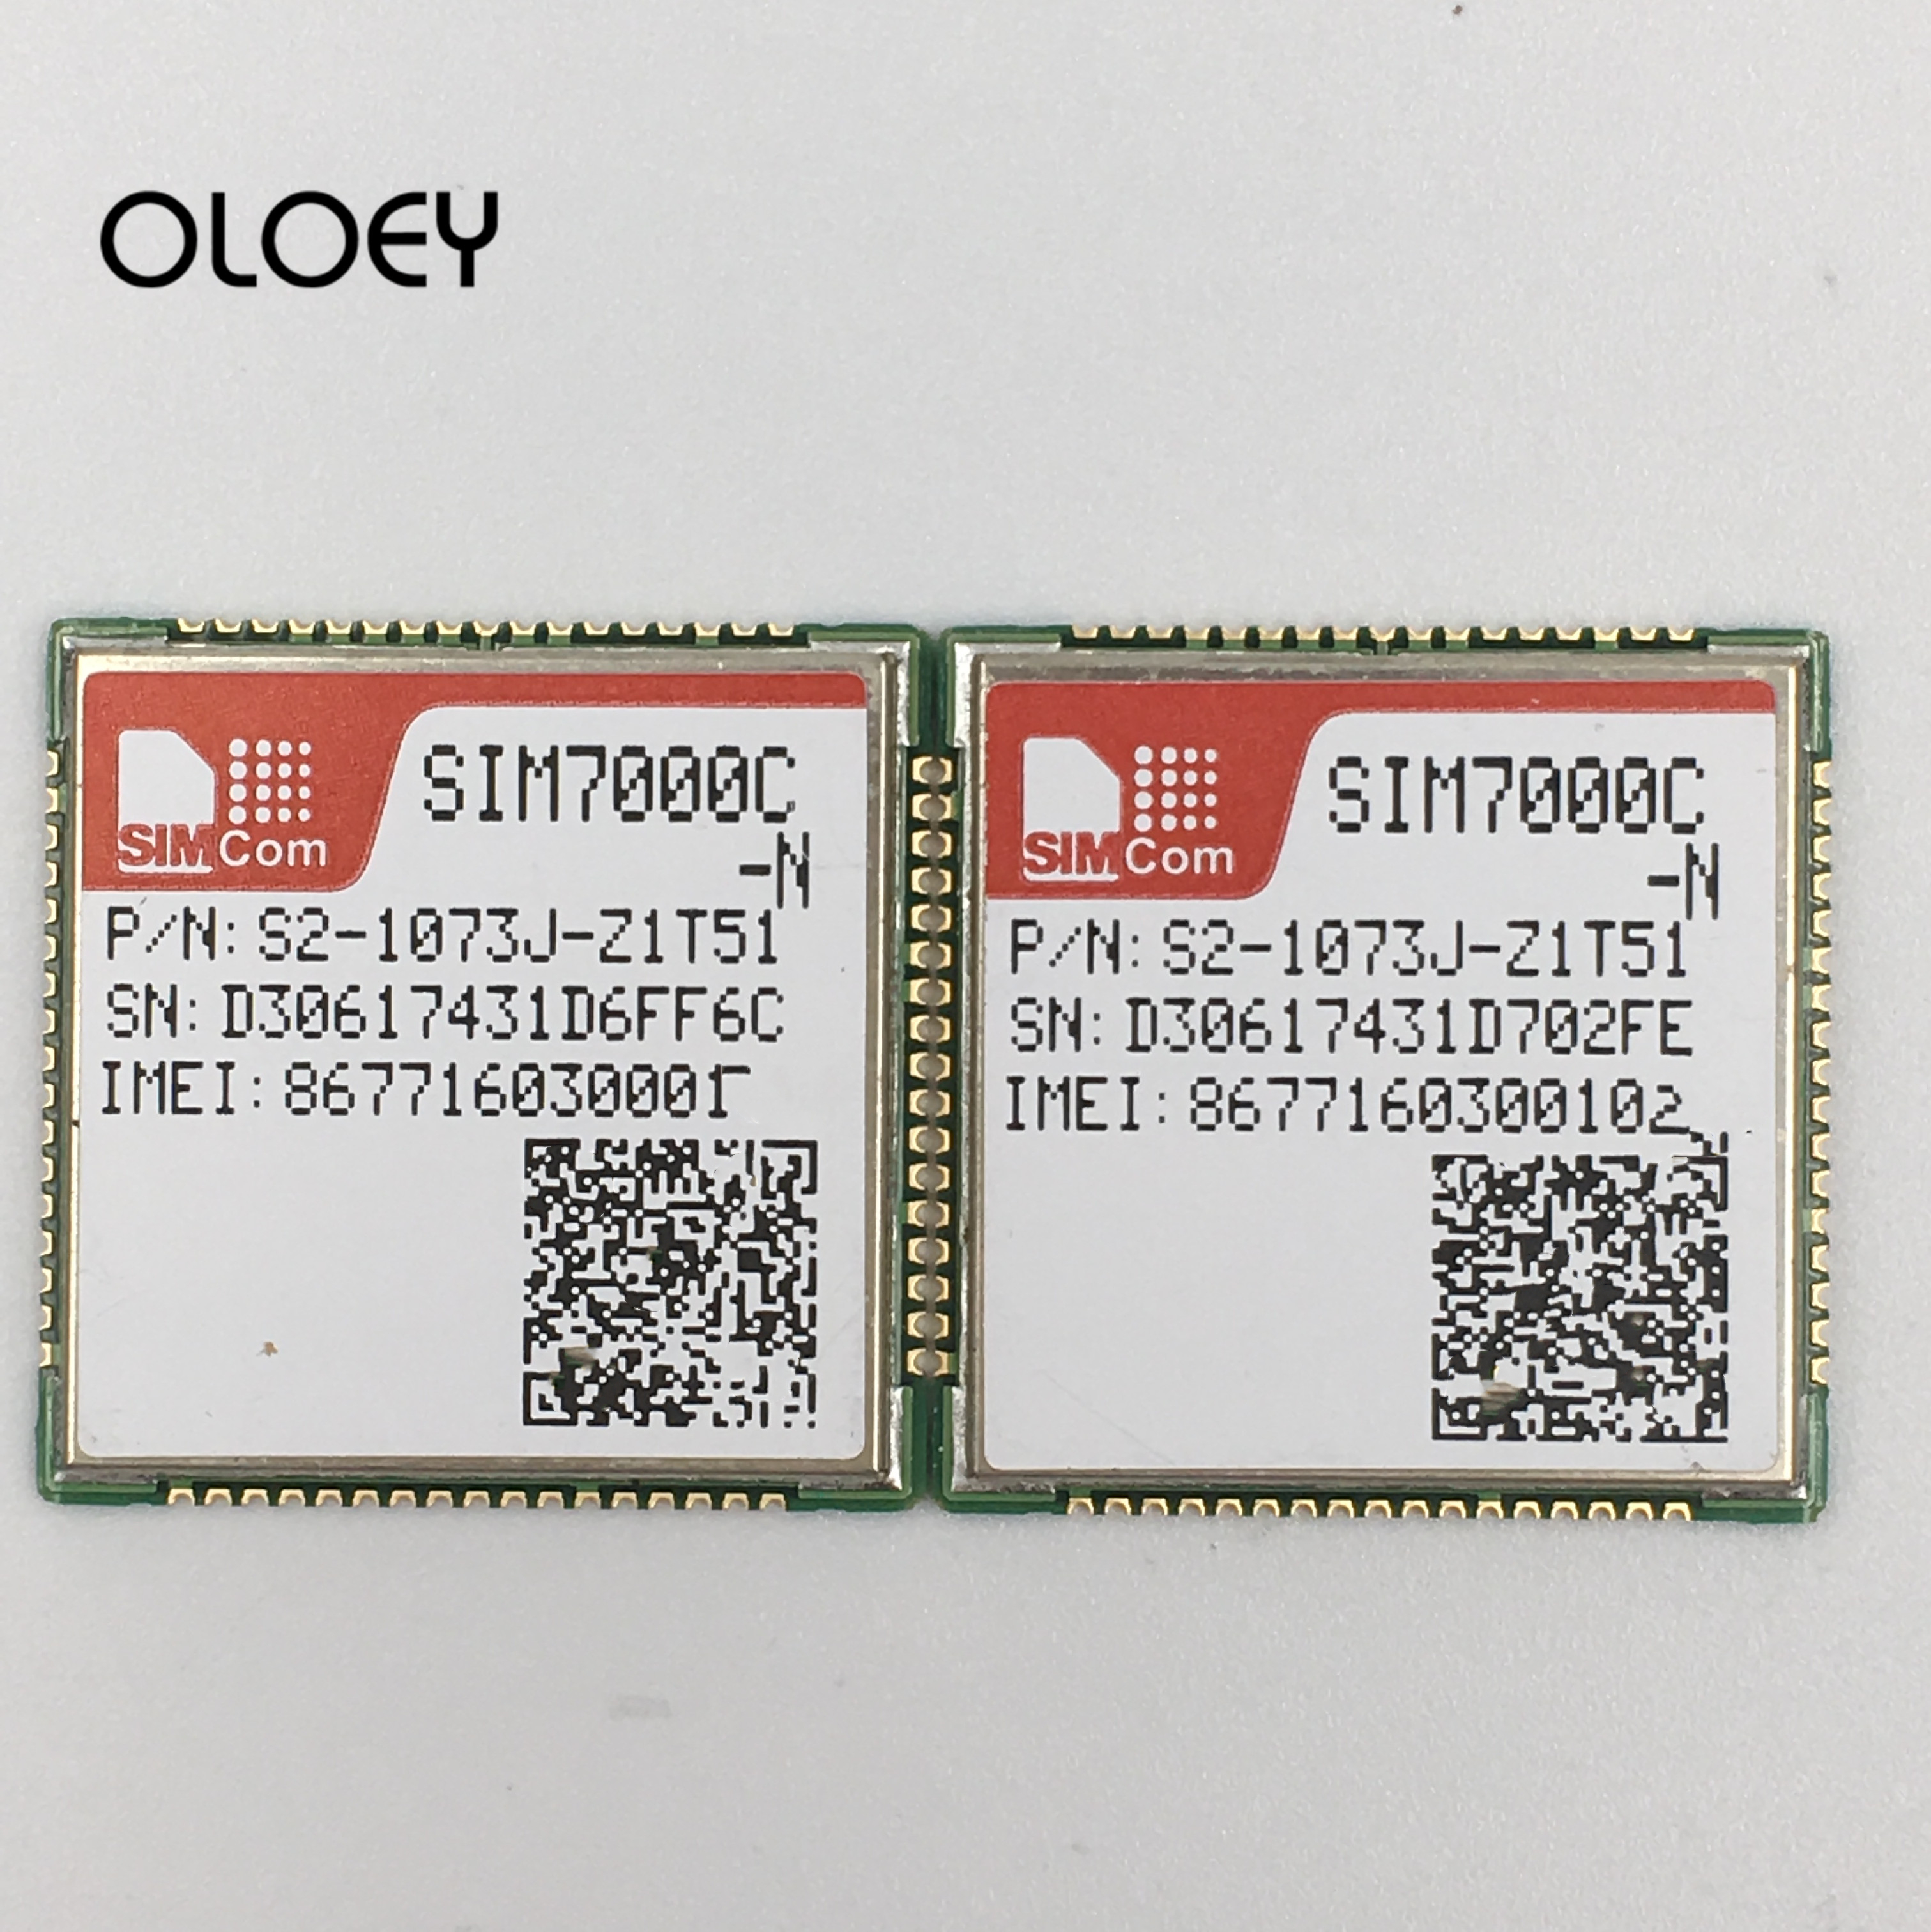 SIMCom SIM7000C-N LCC  NB-IoT Module, 100% Brand New Original